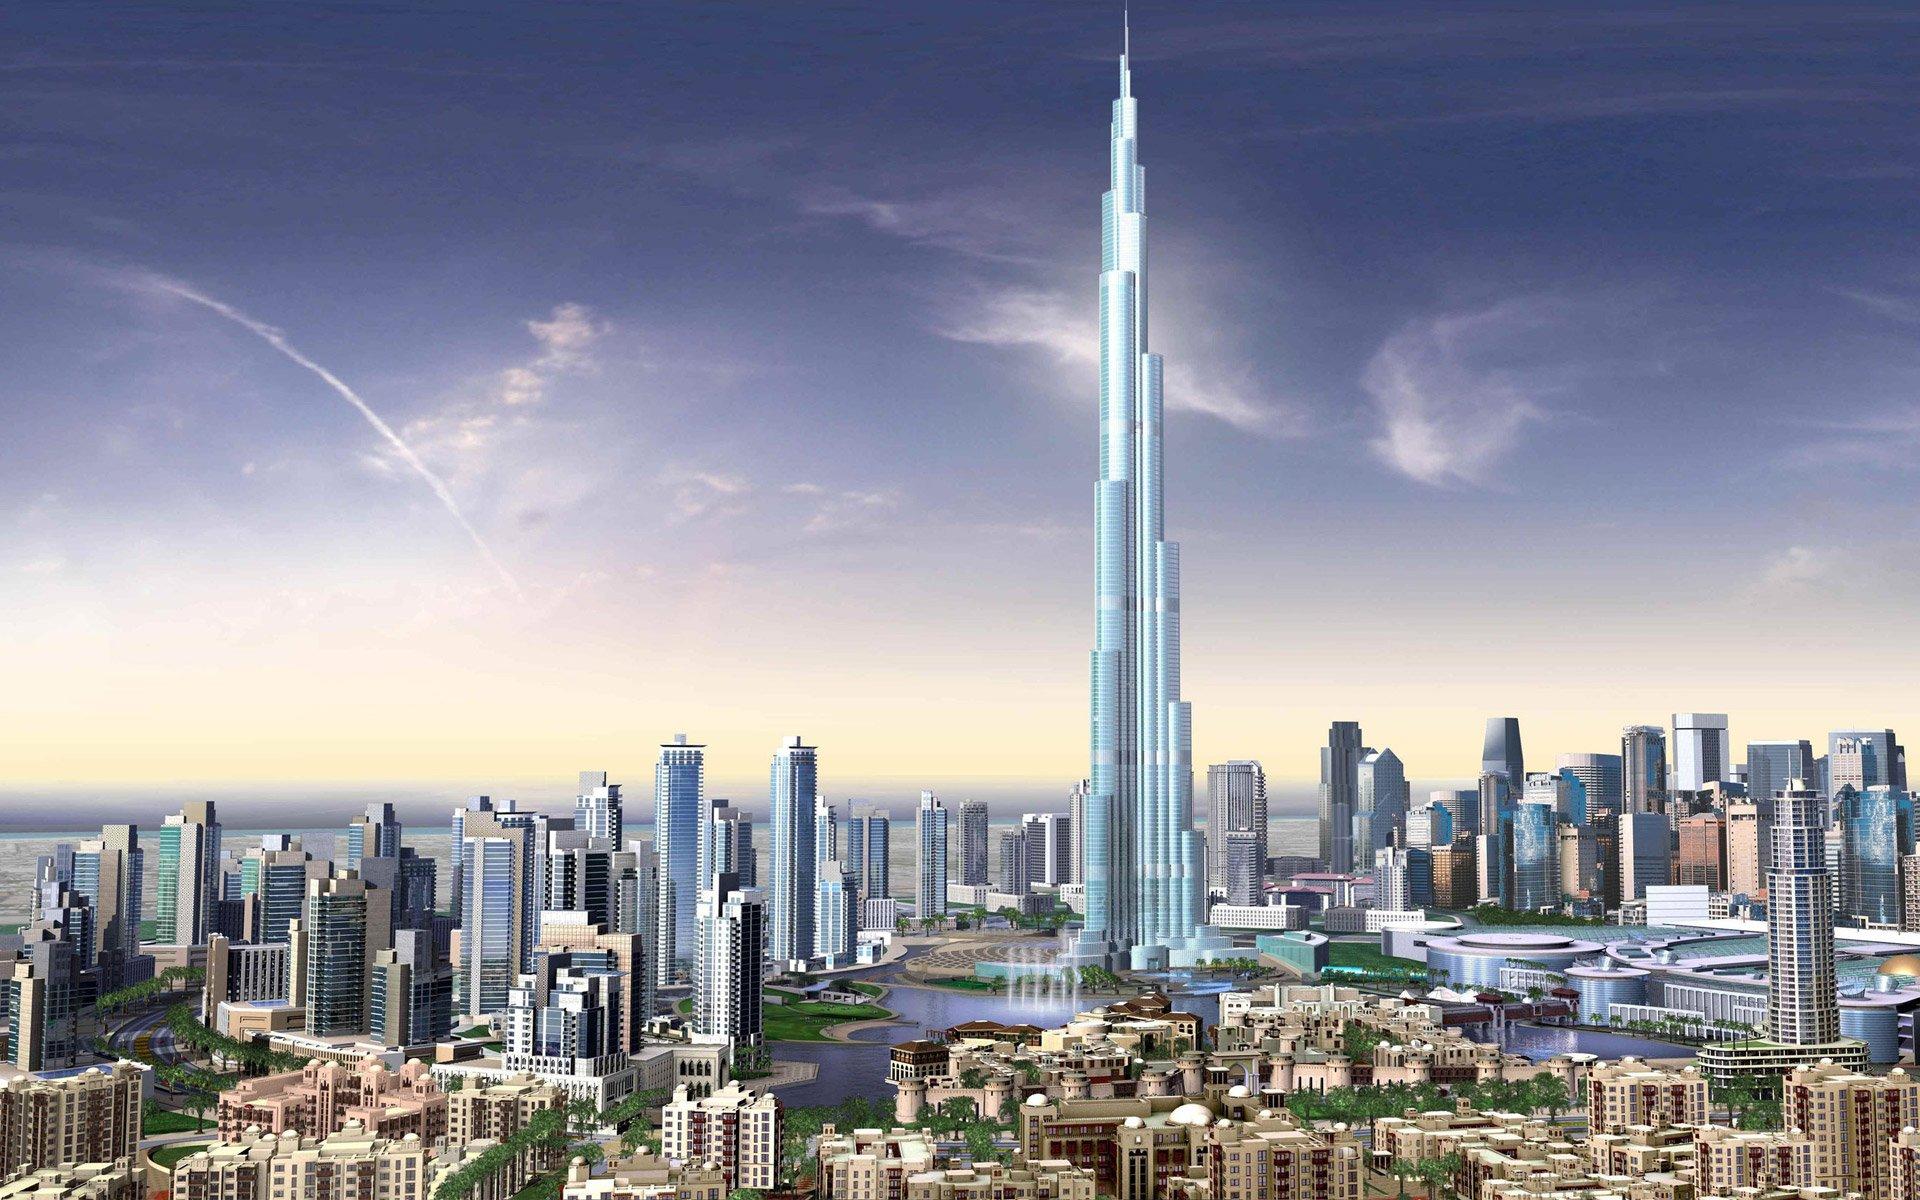 Burj Dubai Skyscrapers UAE Wallpapers HD Wallpapers 1920x1200